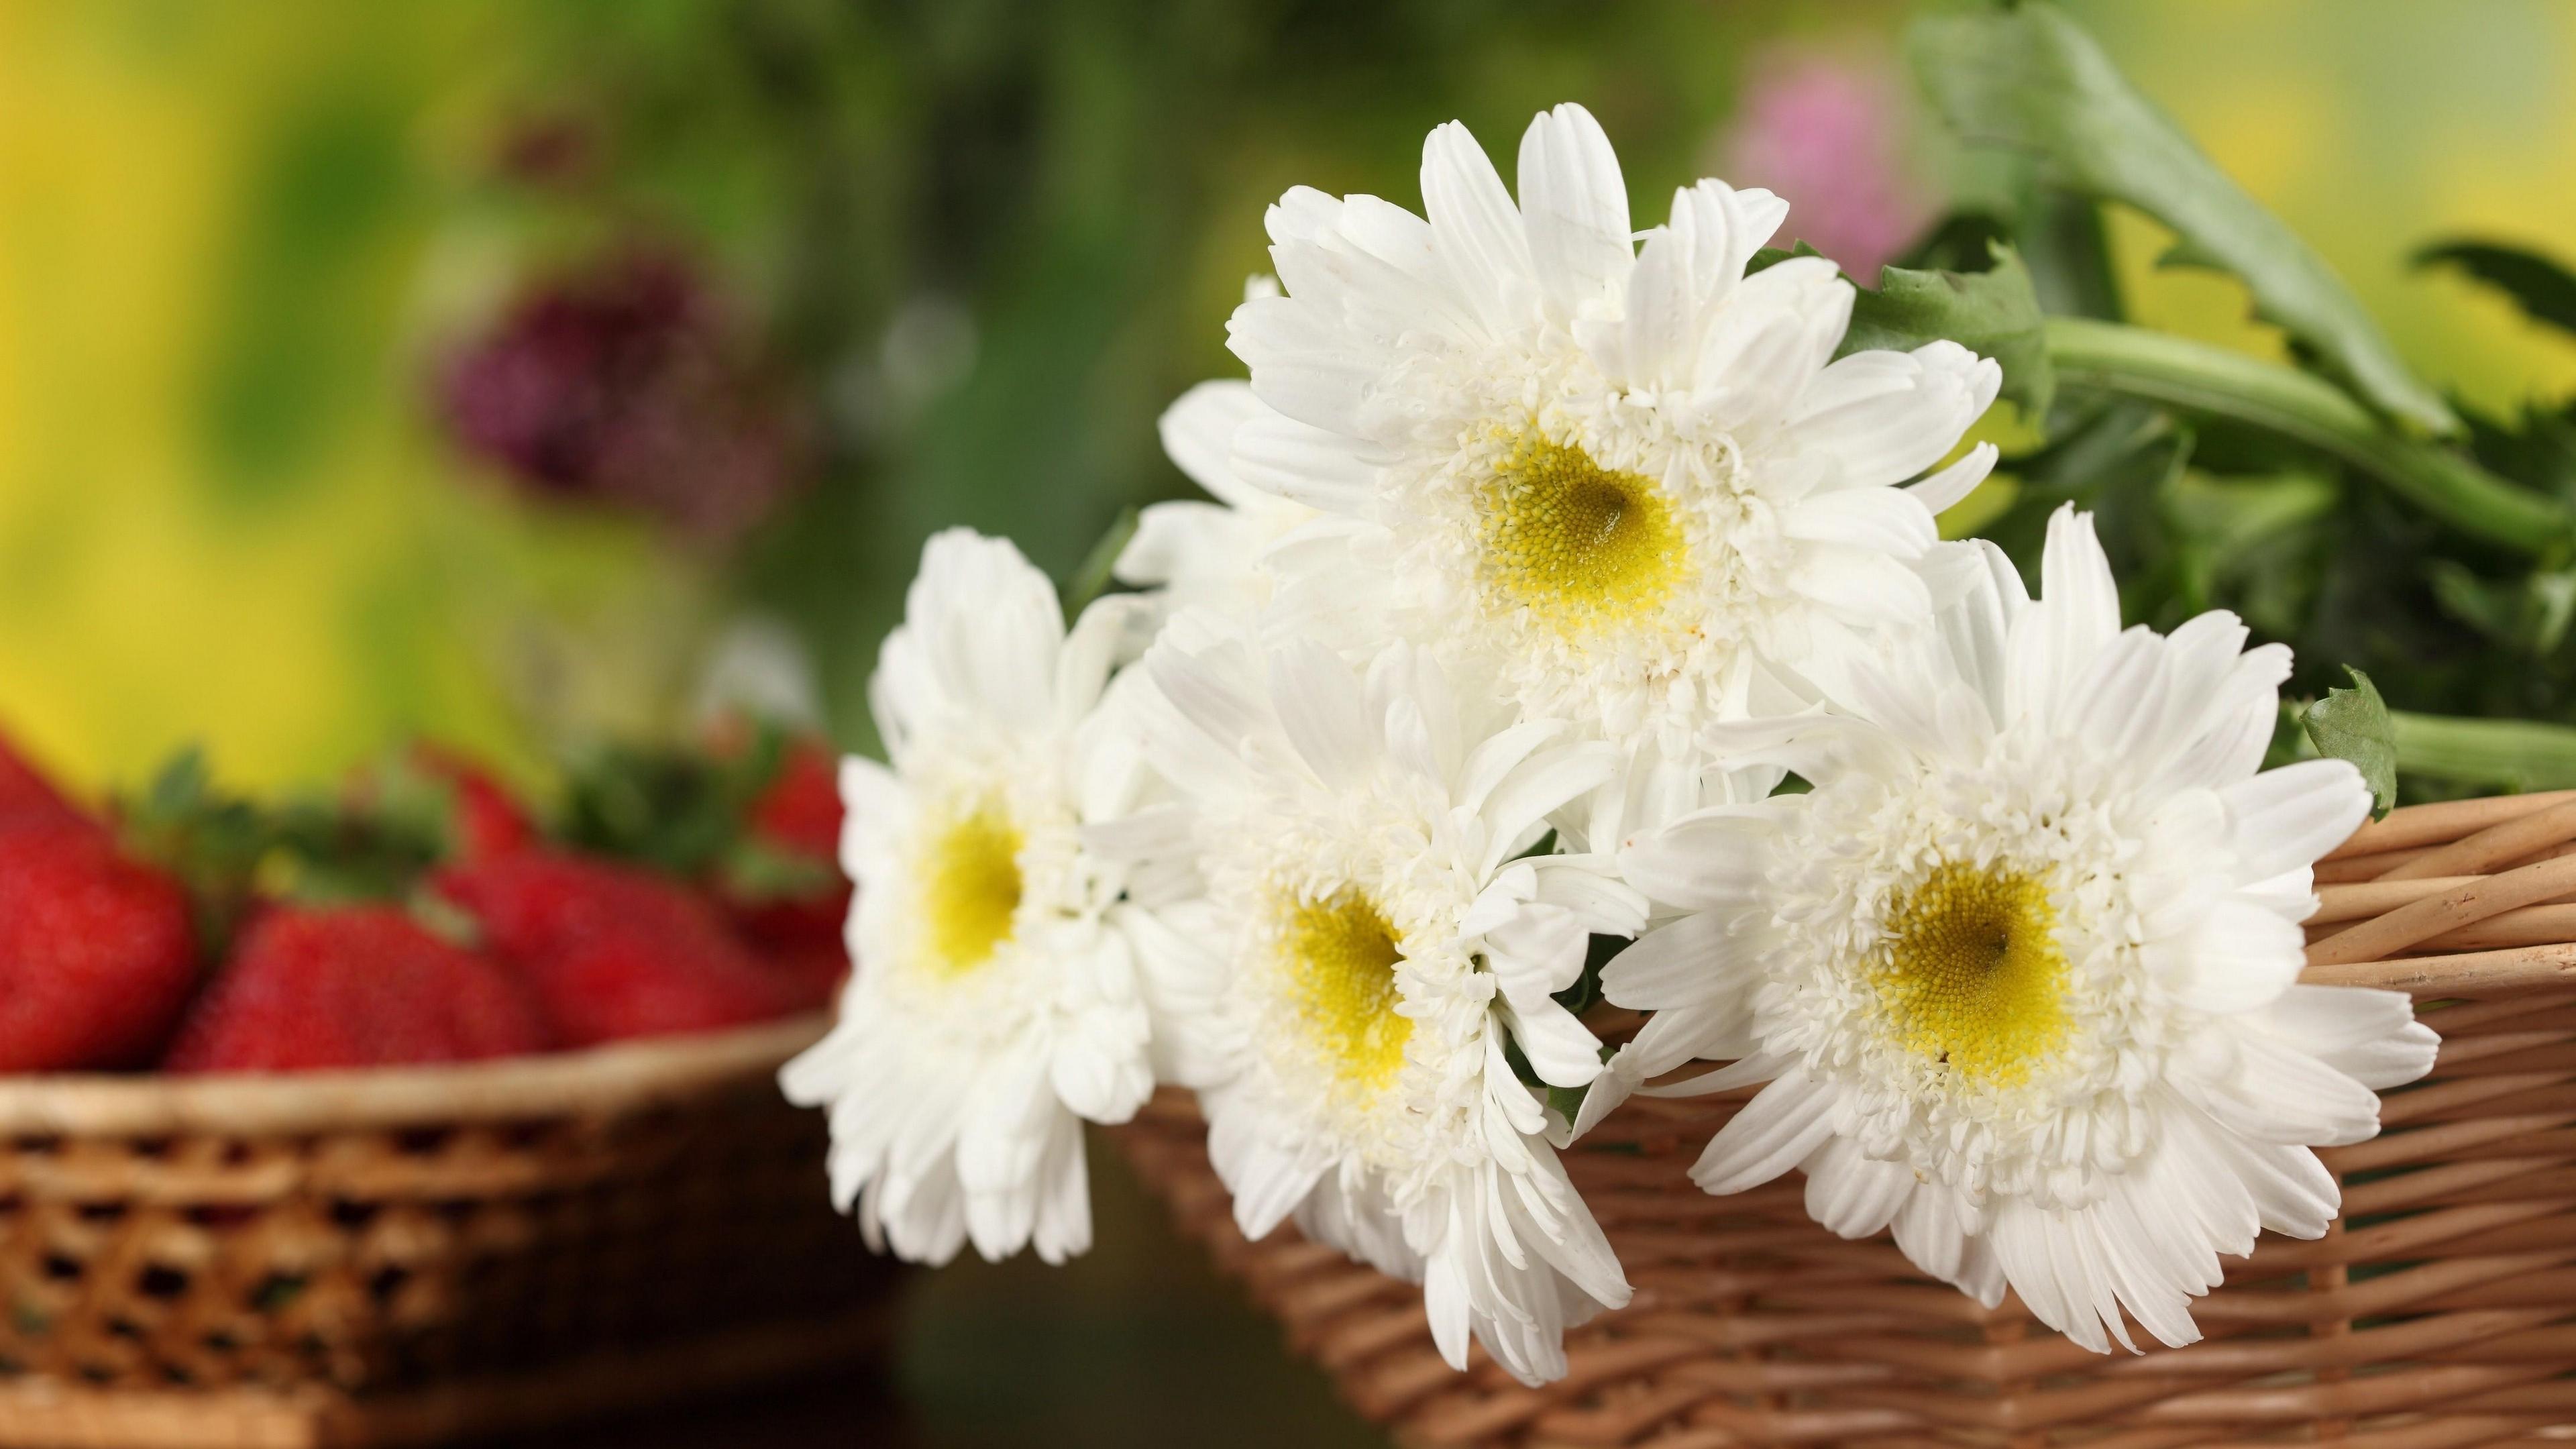 chrysanthemums flowers white basket close up 4k 1540064180 - chrysanthemums, flowers, white, basket, close-up 4k - white, Flowers, chrysanthemums